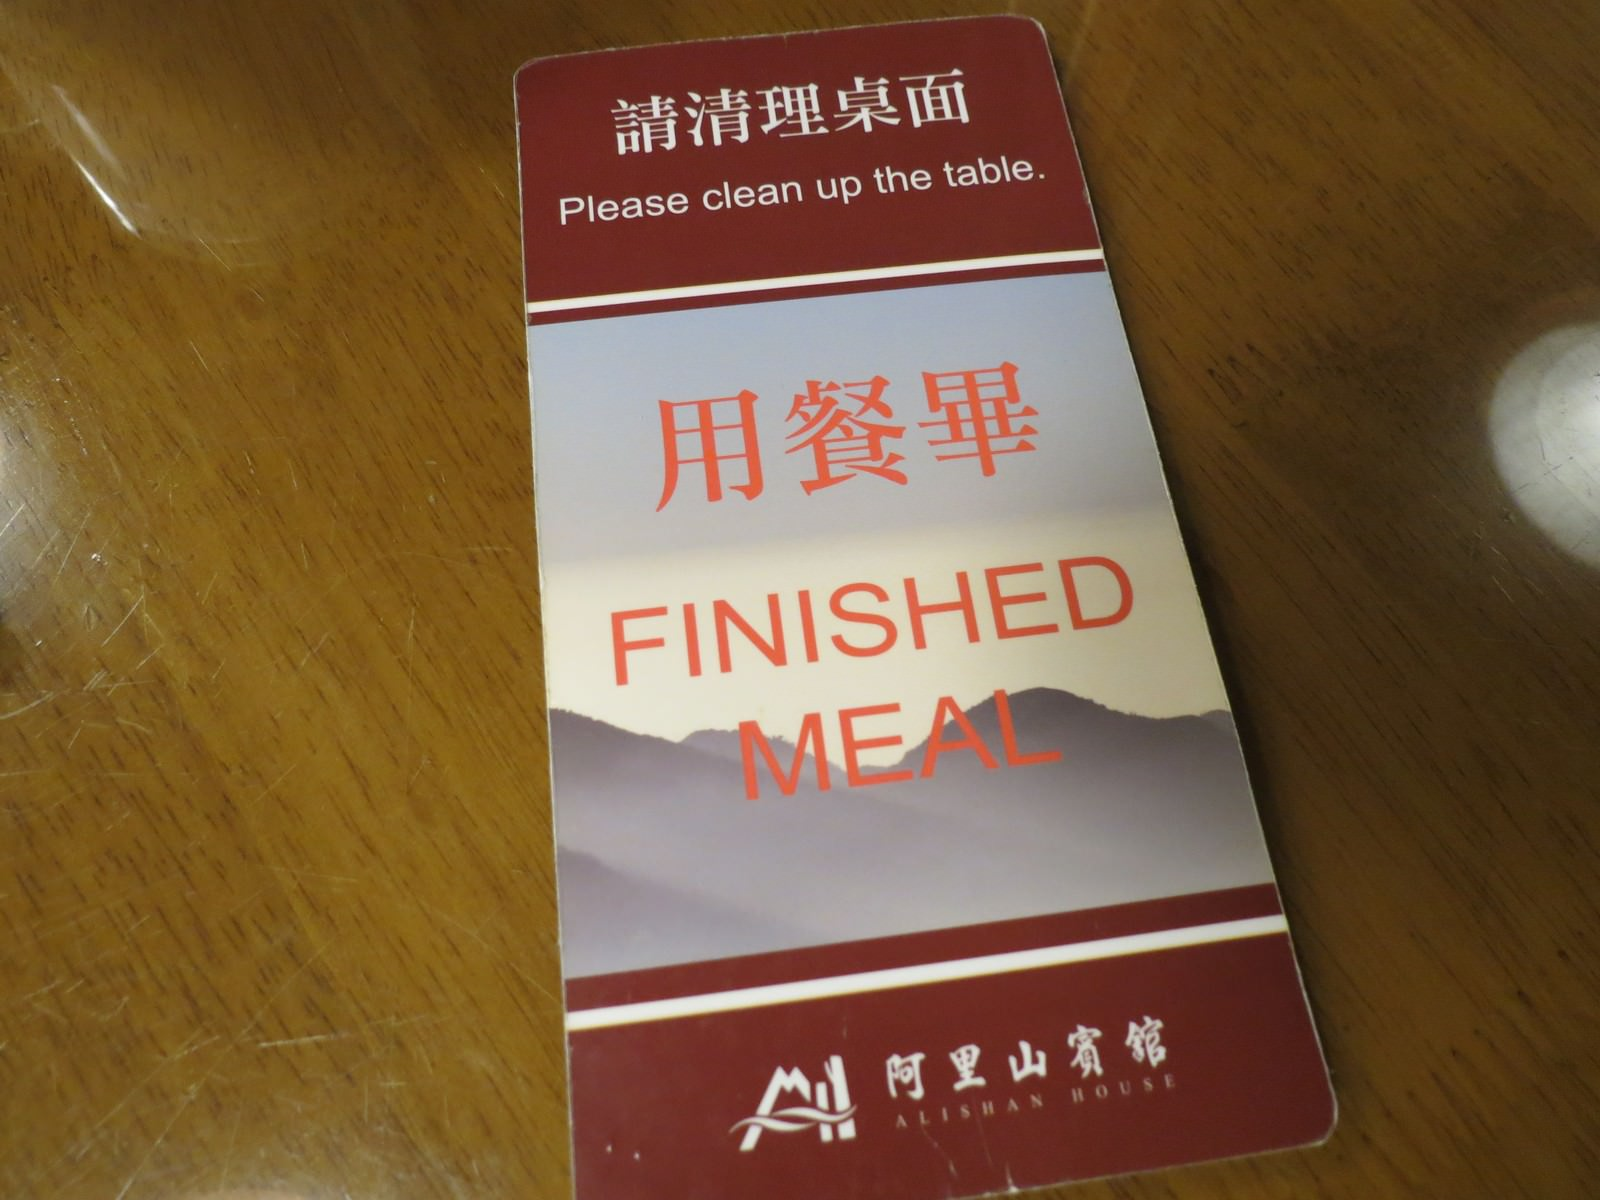 阿里山賓館, 餐廳介紹, 用餐牌